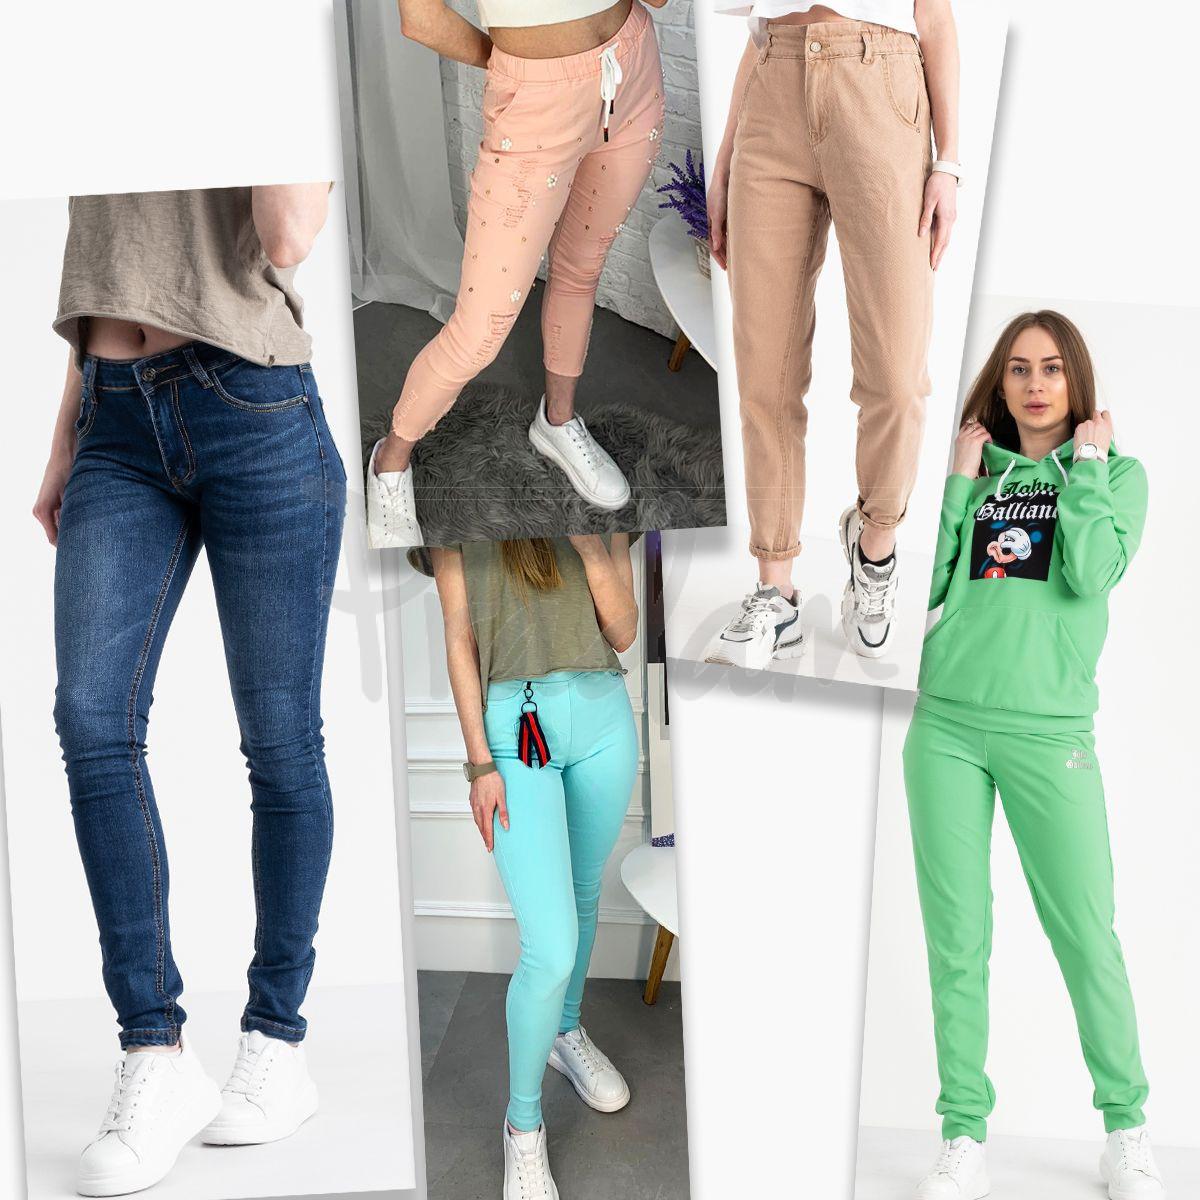 10061 микс женской одежды с дефектами (5 ед.)